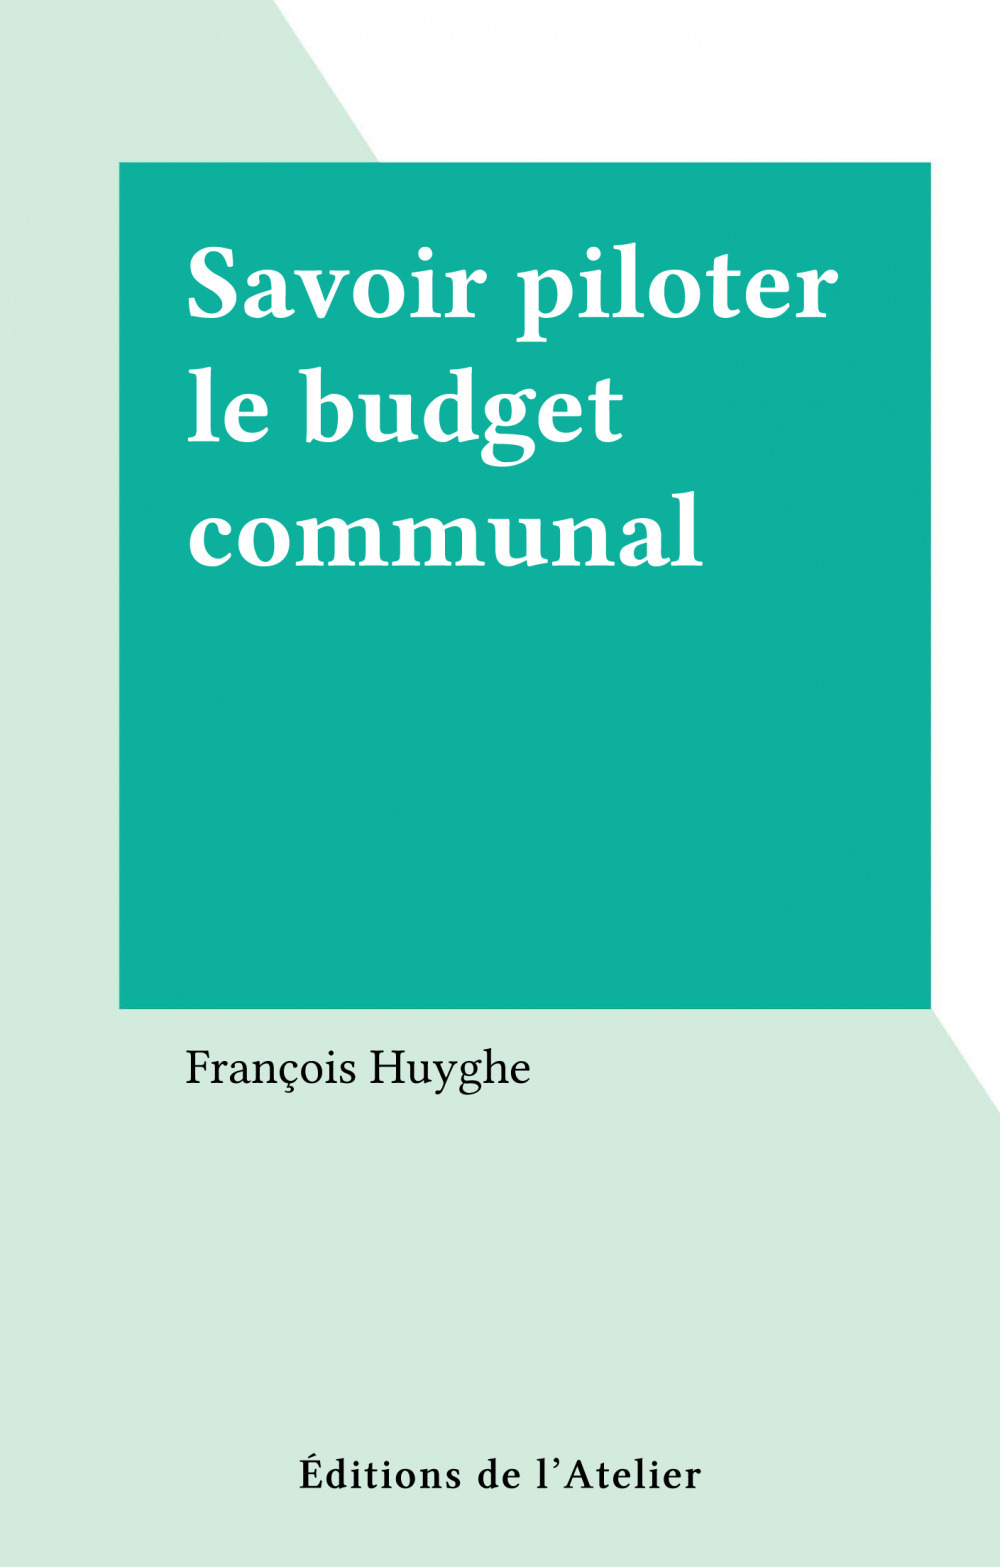 Savoir piloter le budget communal